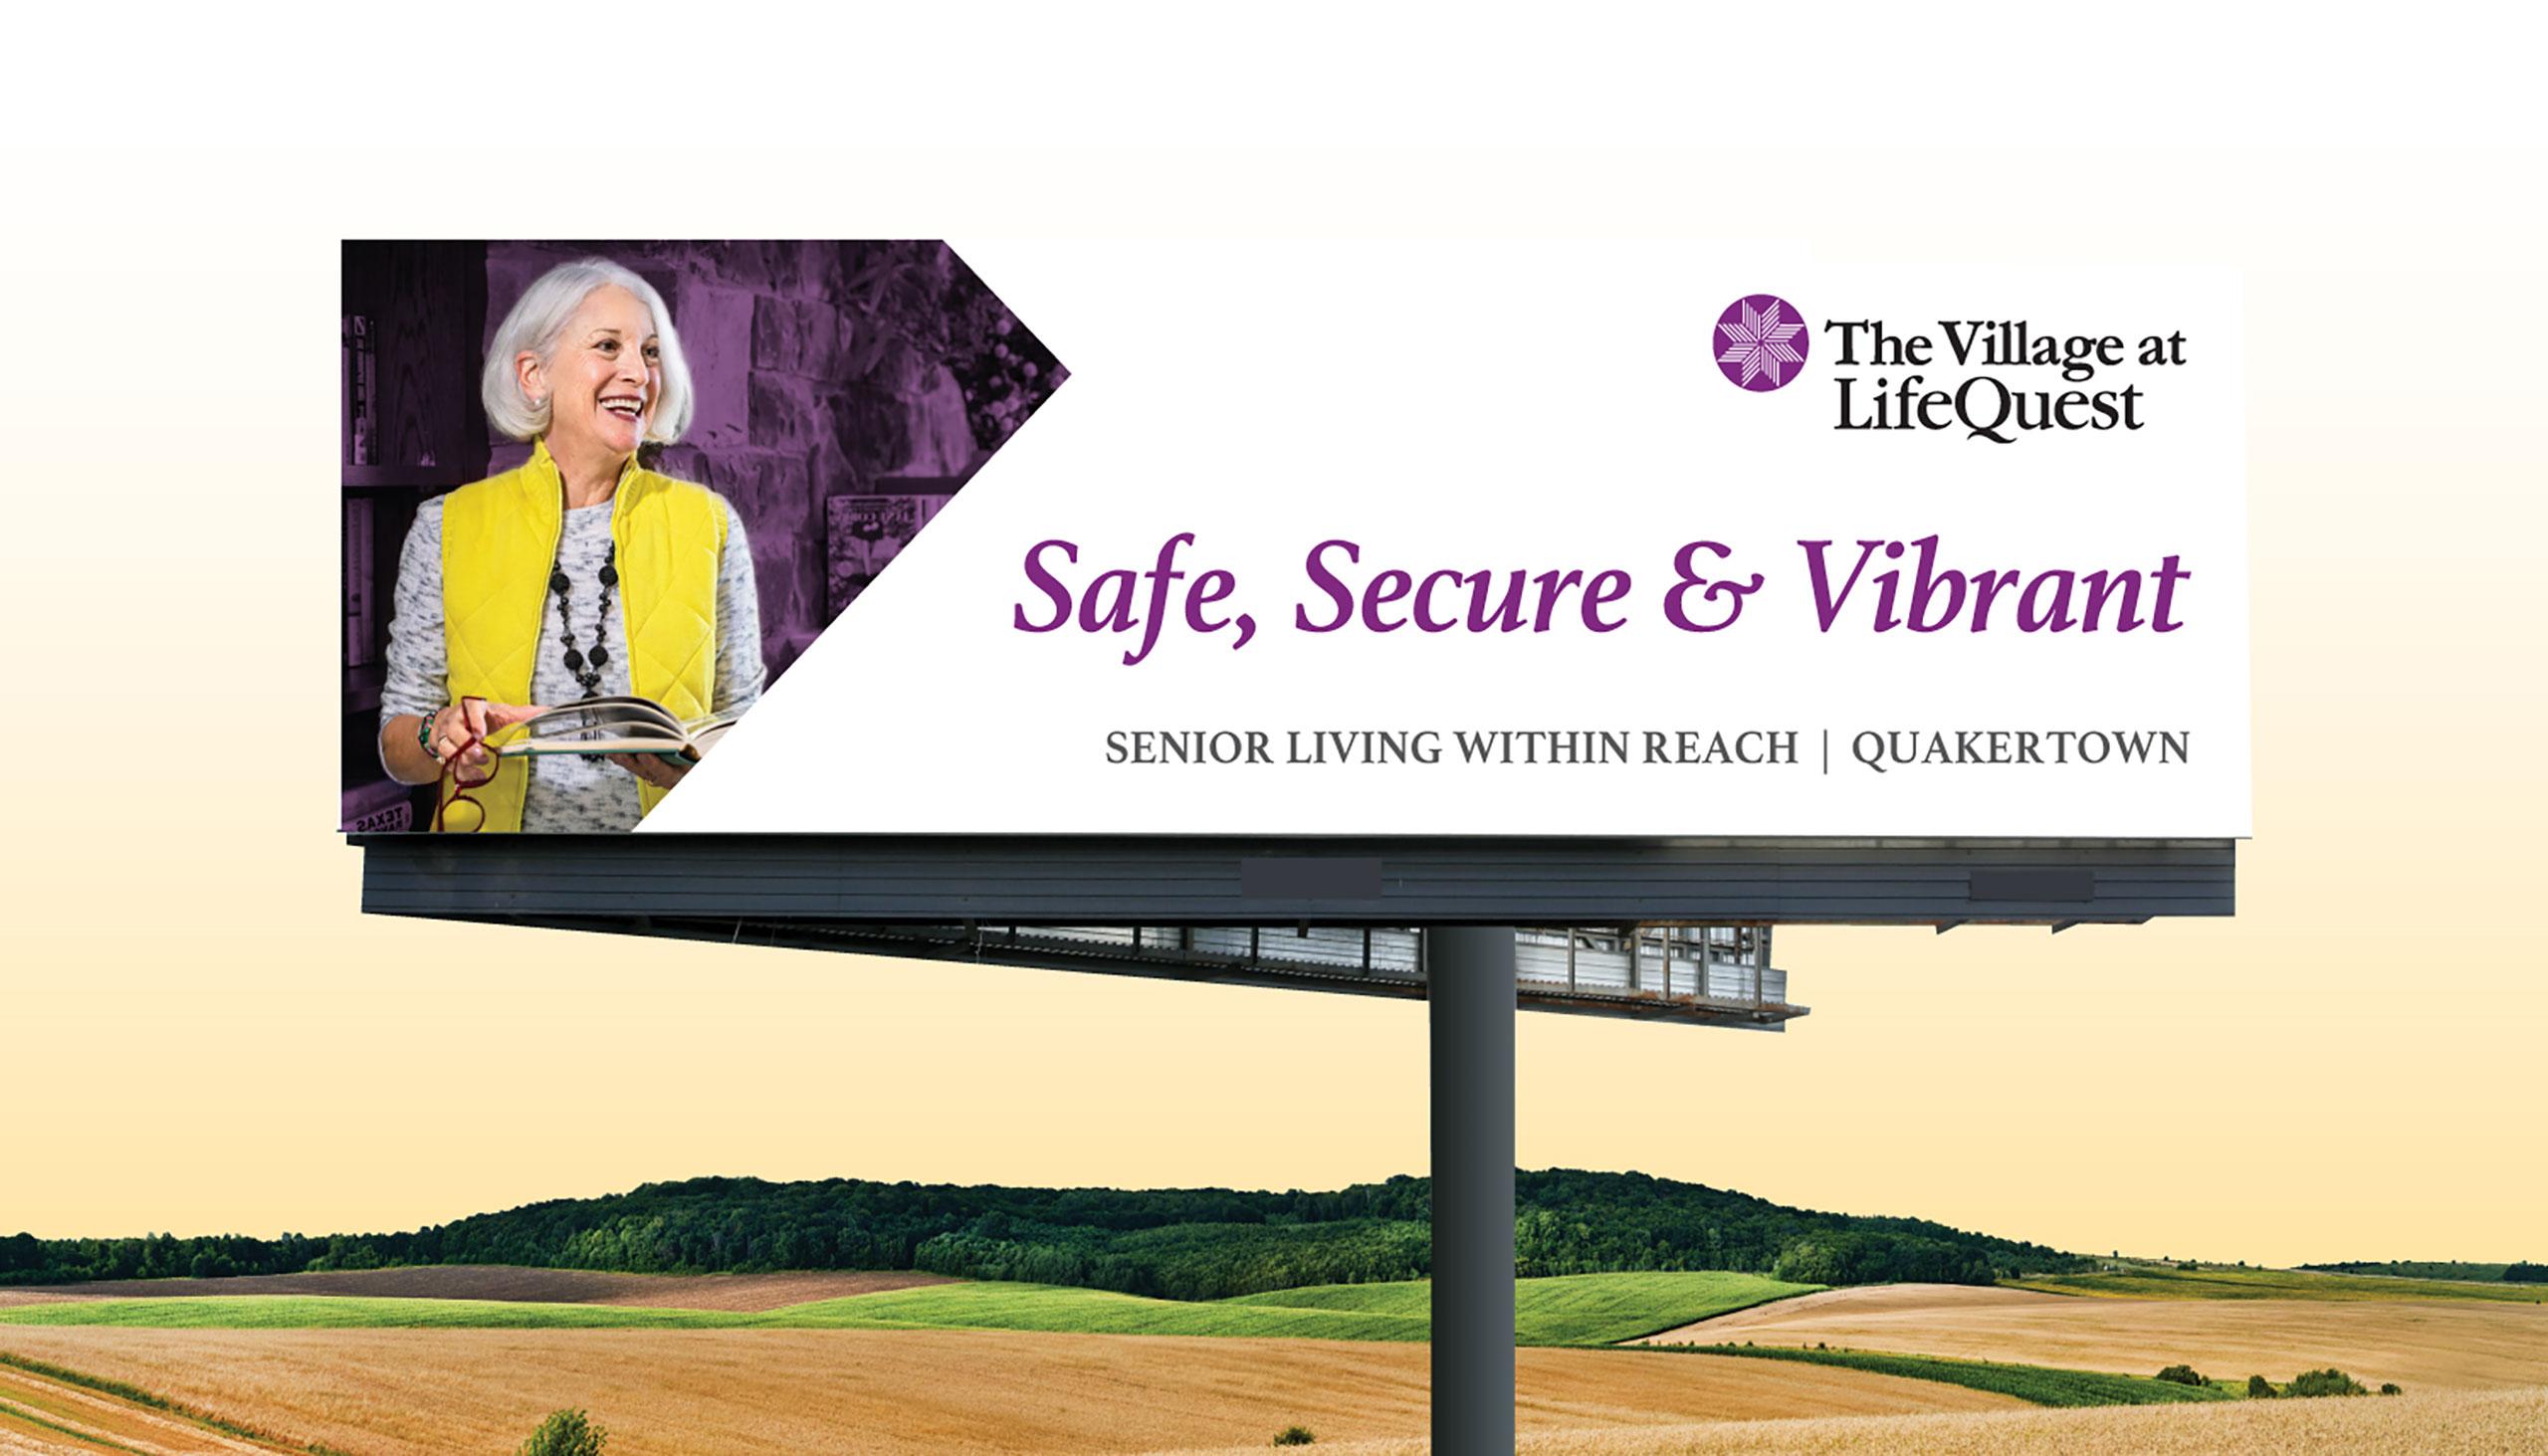 LifeQuest Billboard